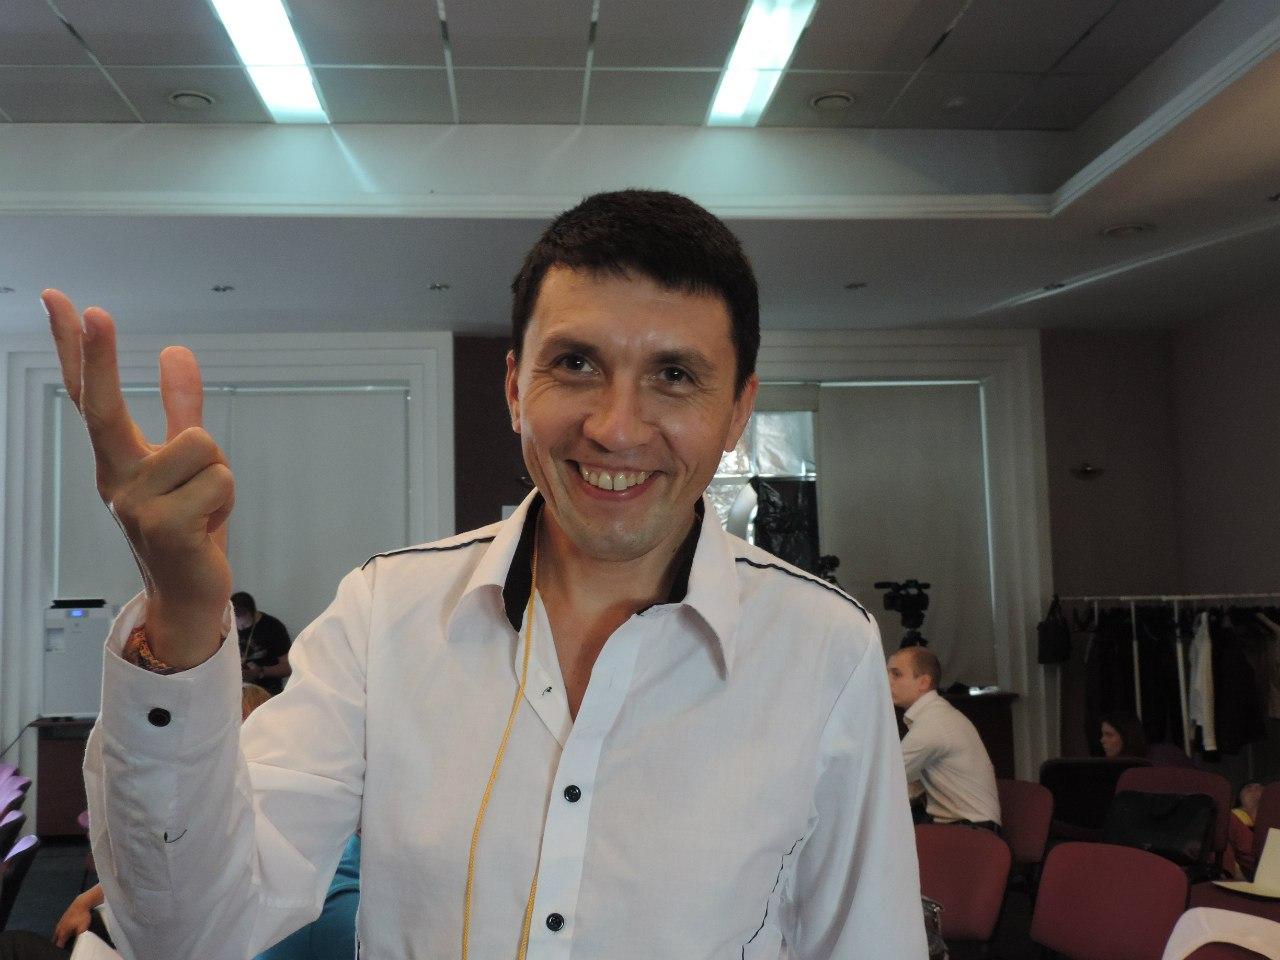 Валентин Денисов-Мельников, НЛП-Мастер, психолог-консультант, массажист,